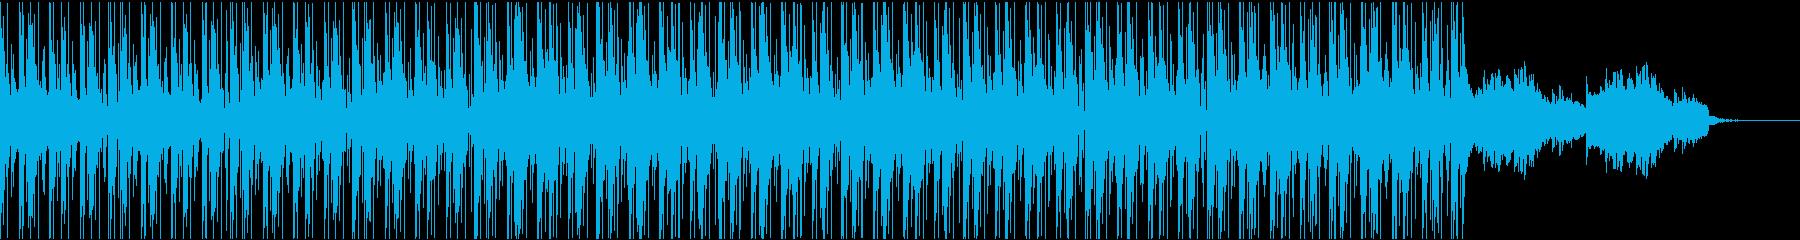 お洒落なピアノハウスBGMの再生済みの波形